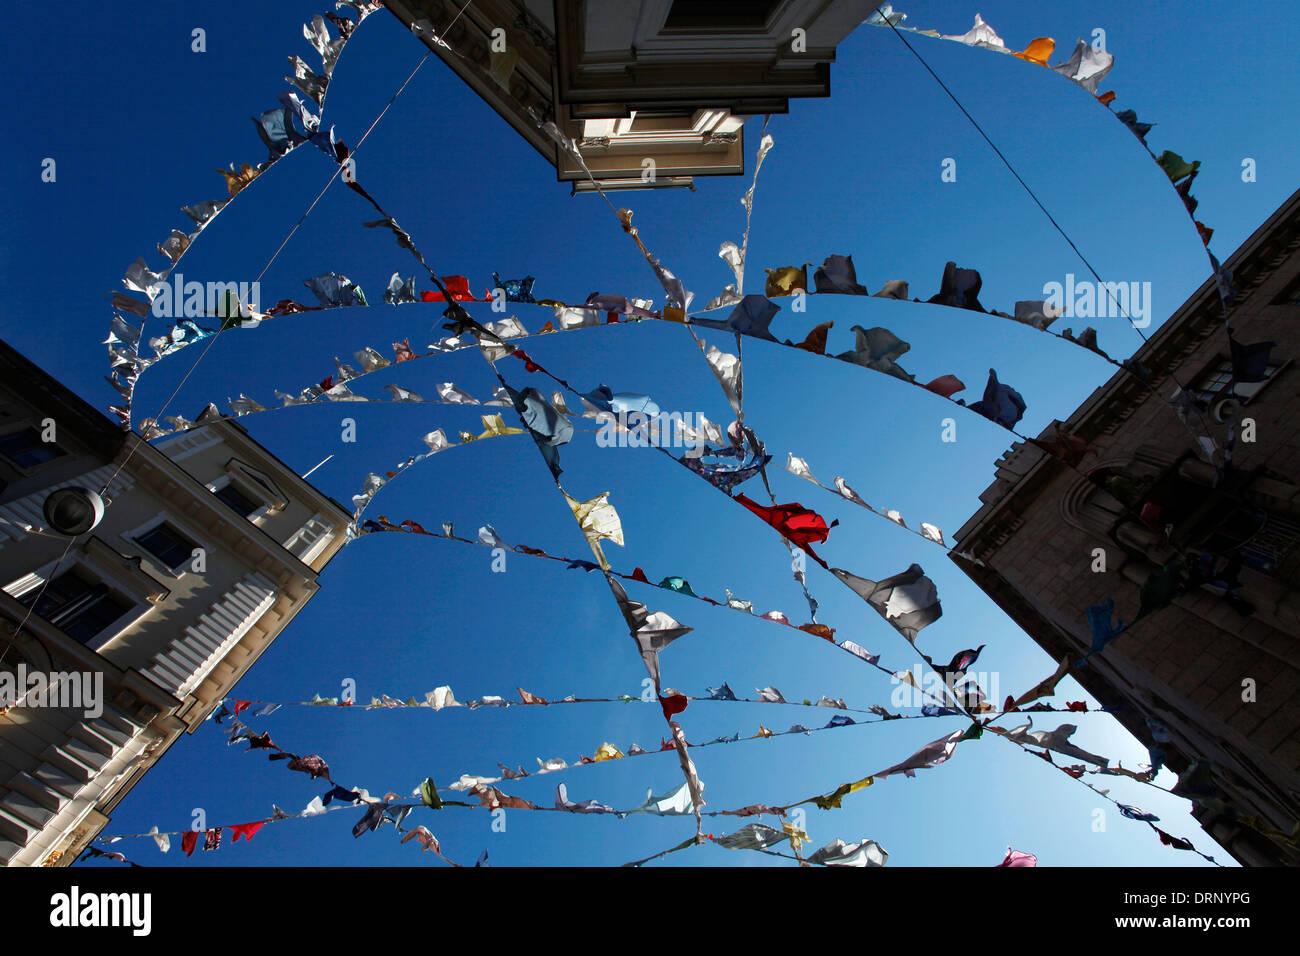 Le linee di abbigliamento appeso tra gli edifici con cielo blu sullo sfondo Immagini Stock